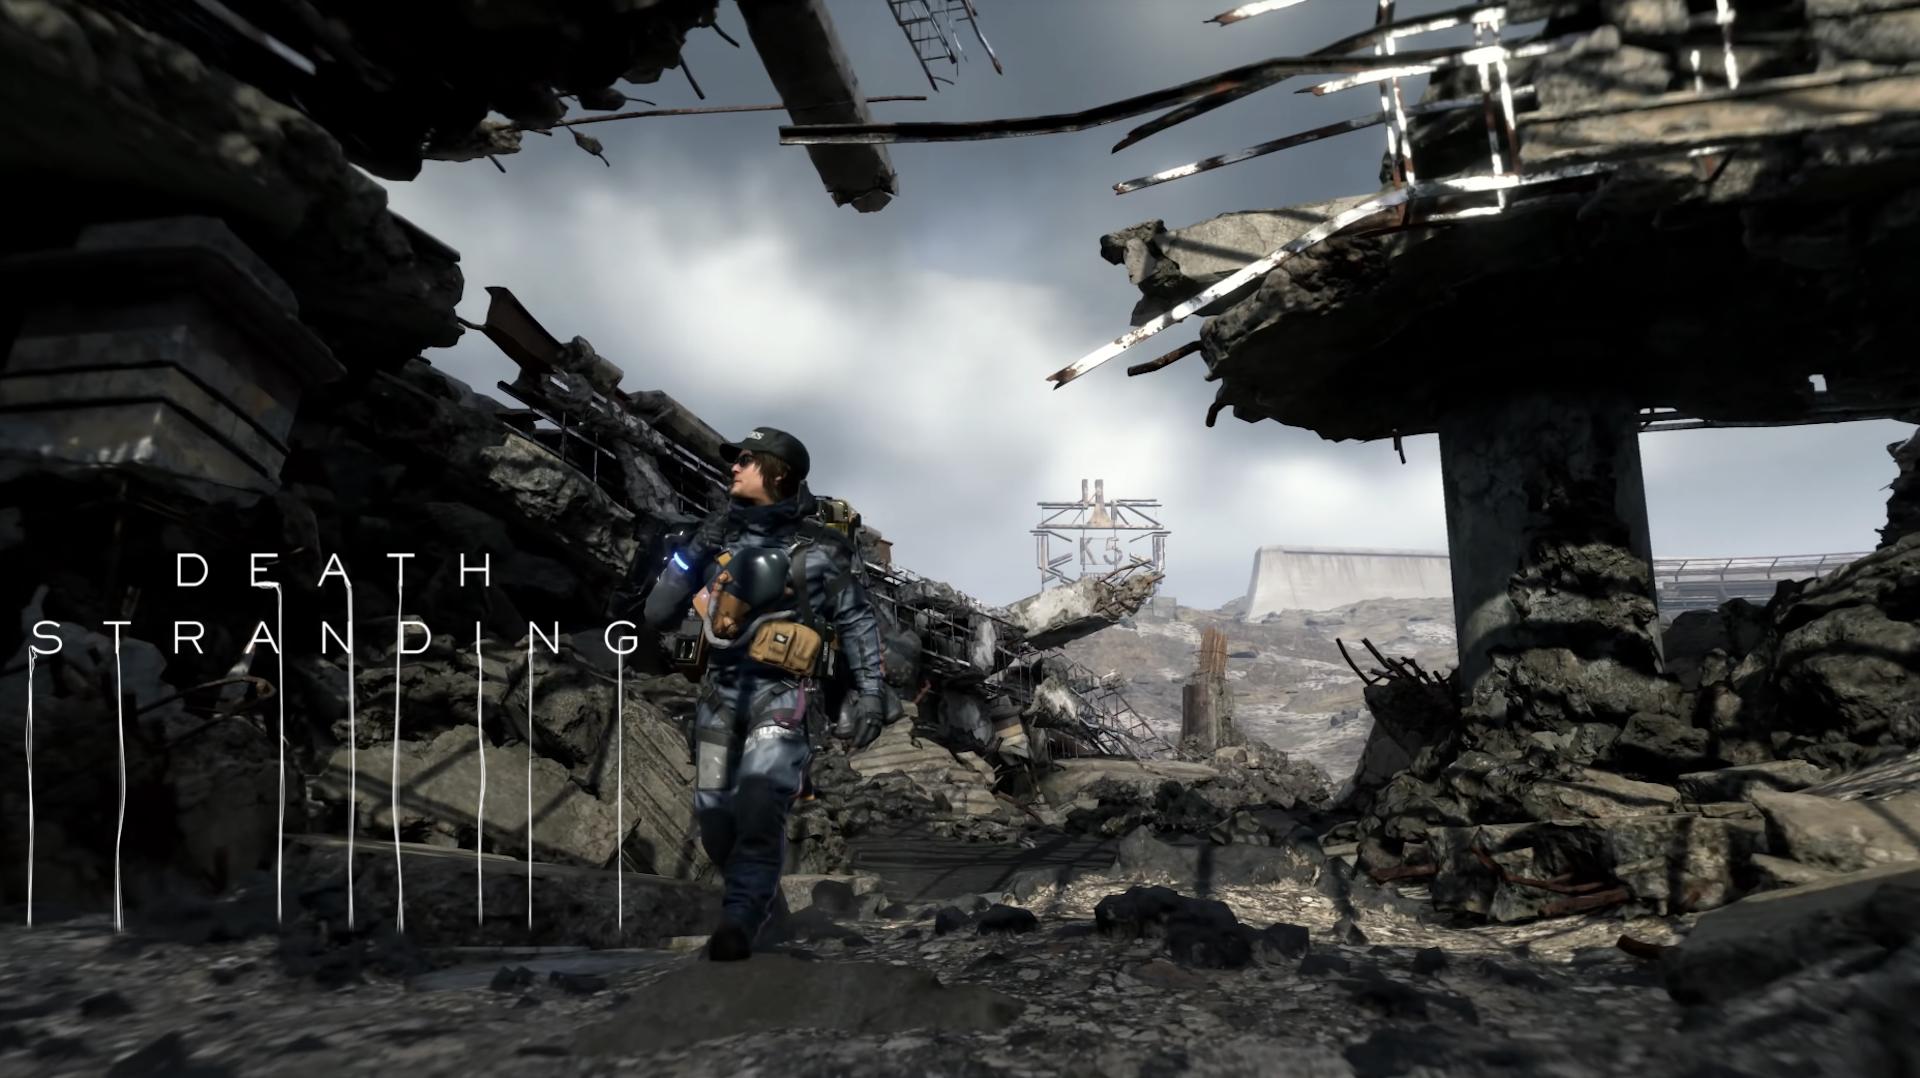 《死亡搁浅》新细节 玩家的行为可决定NPC的生死